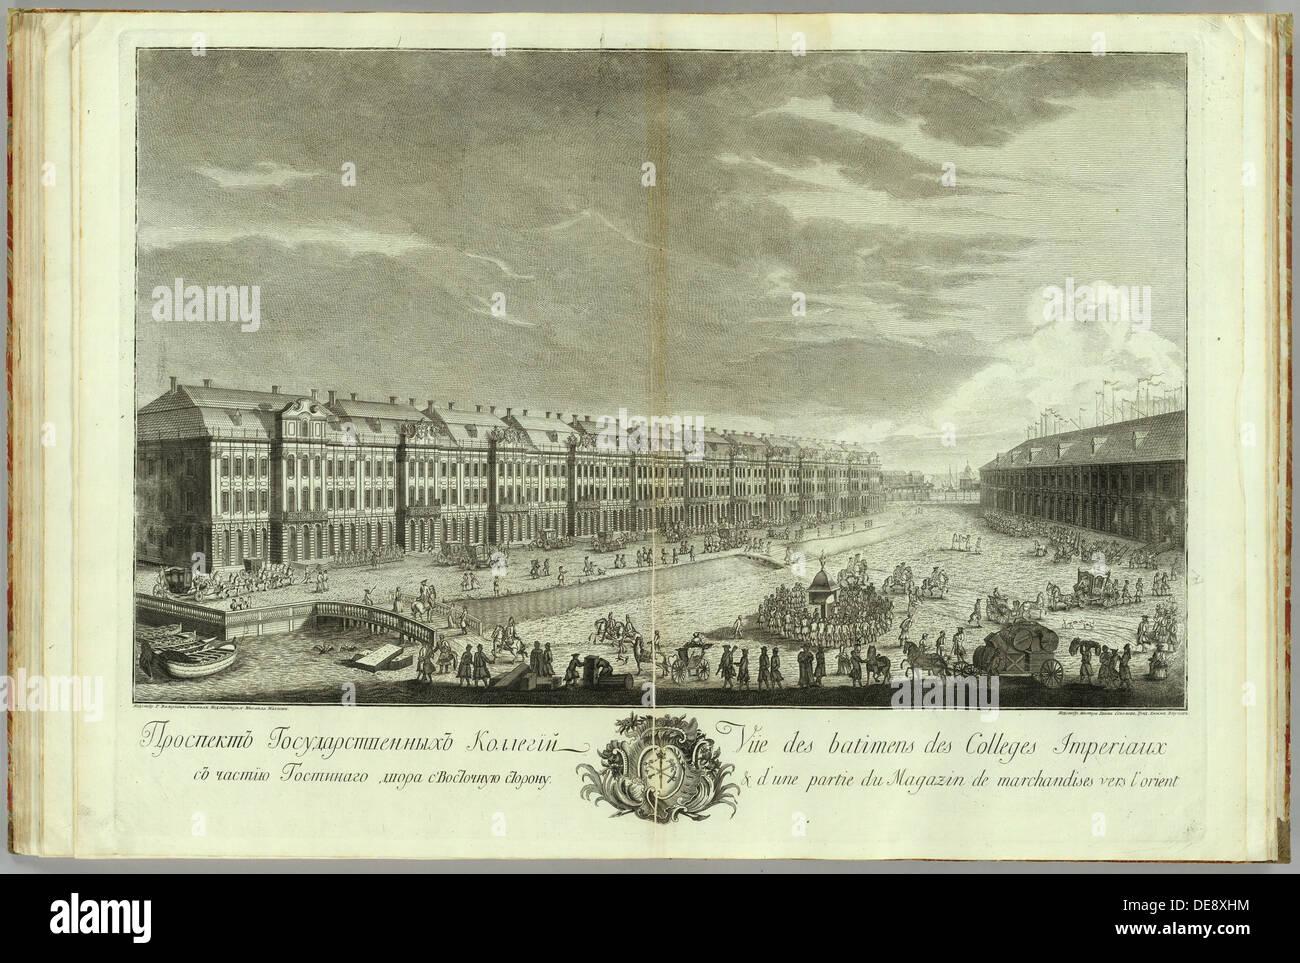 Avis des Douze Collegia building à Saint-Pétersbourg (livre pour le 50e anniversaire de la fondation de Saint-Pétersbourg), 1753. Photo Stock